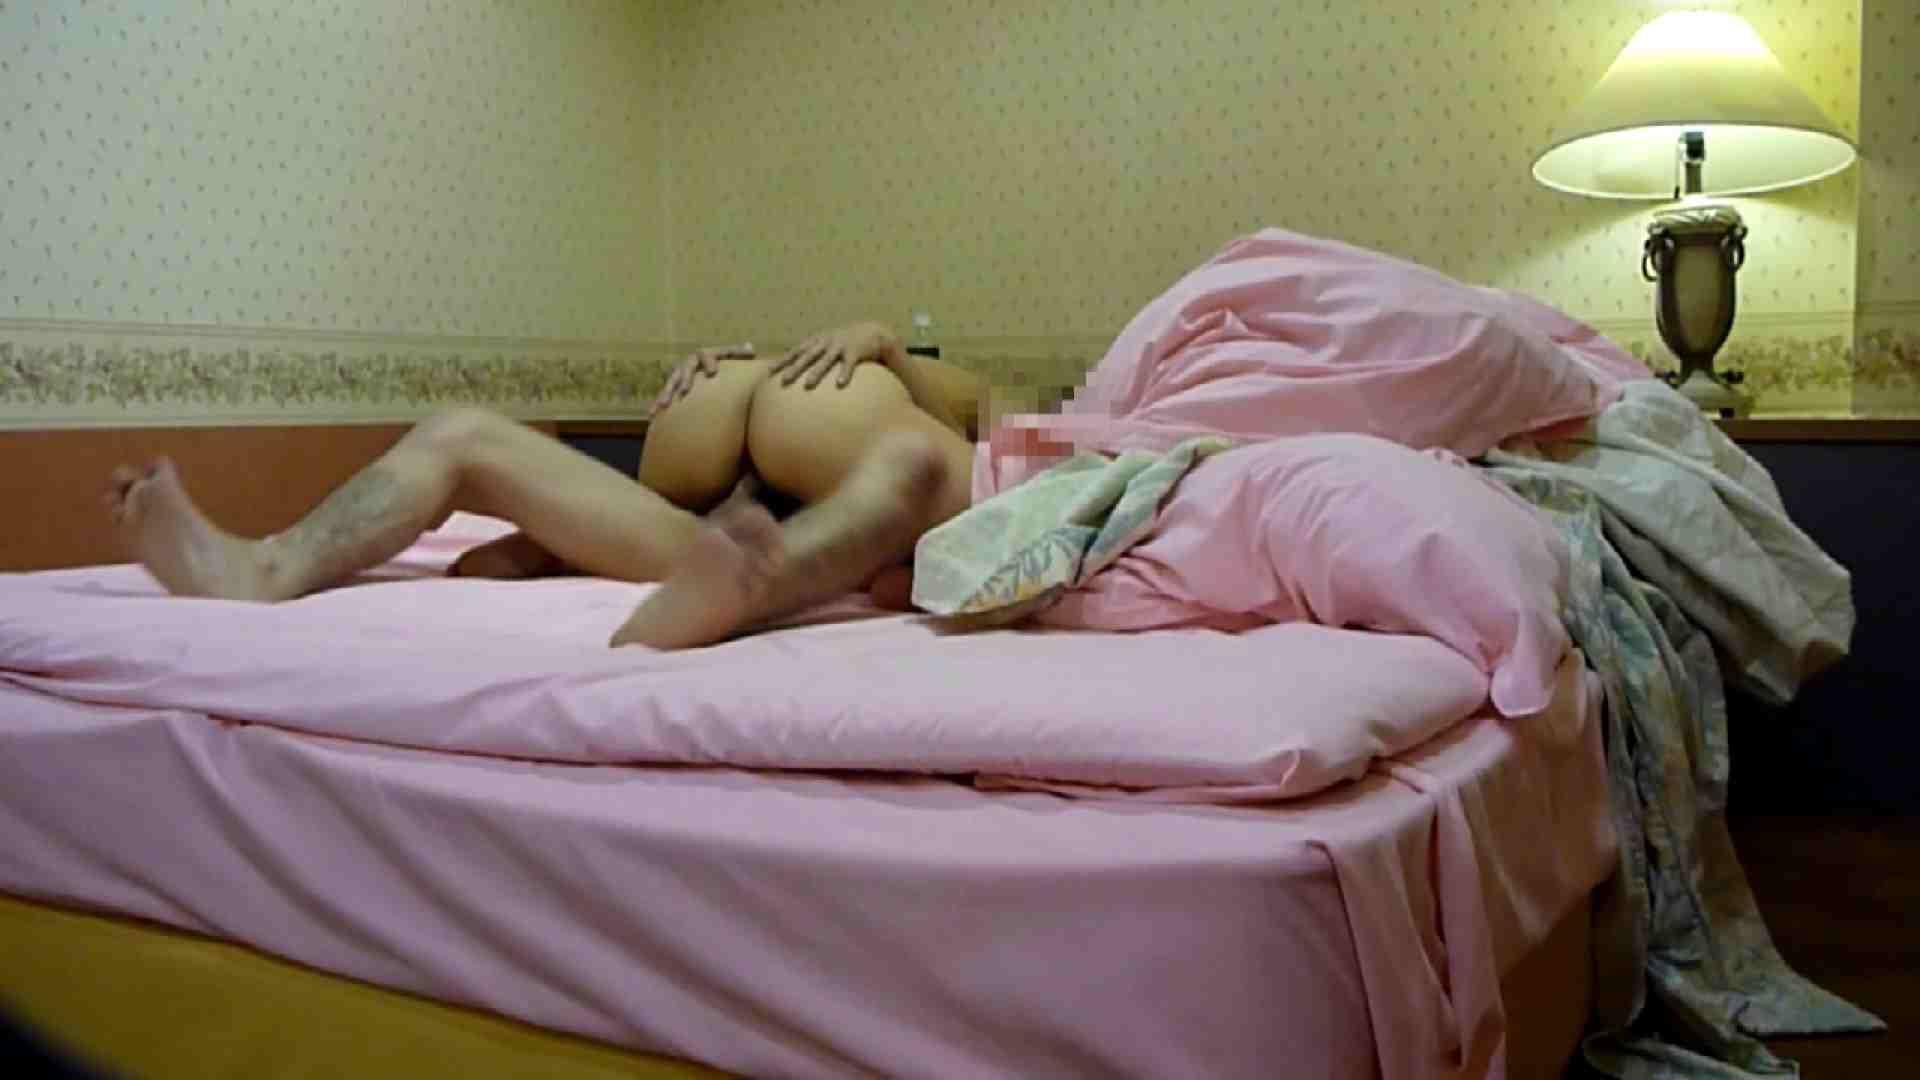 【完全素人投稿】誰にしようか!?やりチン健太の本日もデリ嬢いただきま~す!!04 隠撮   投稿  84枚 61